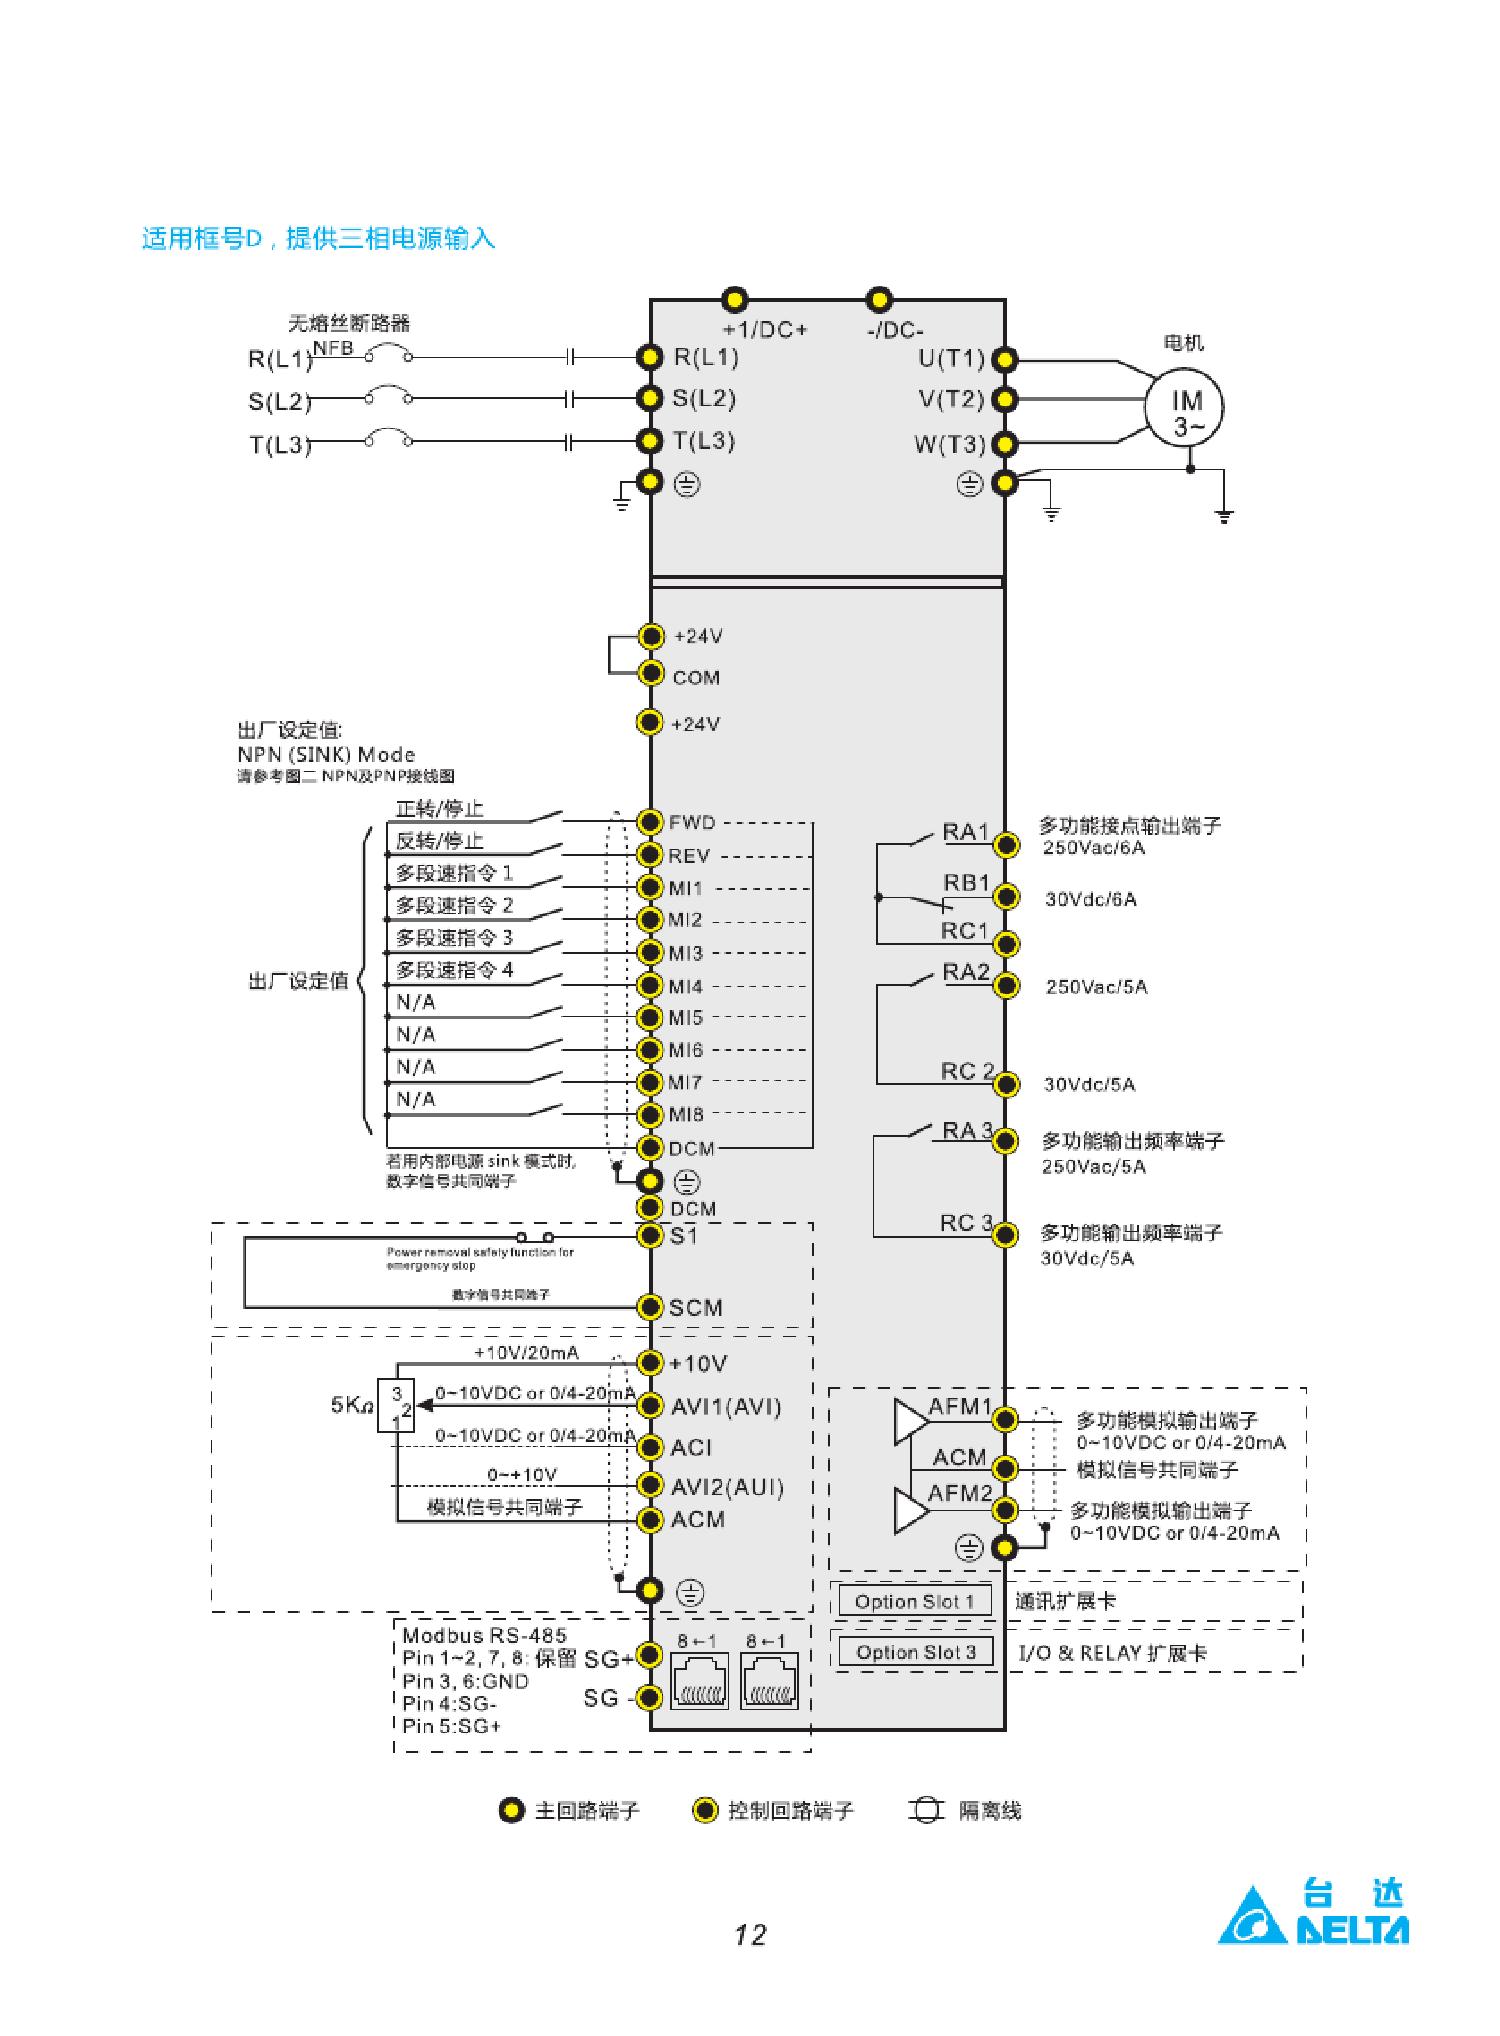 台达变频器vfd022cp43a-21